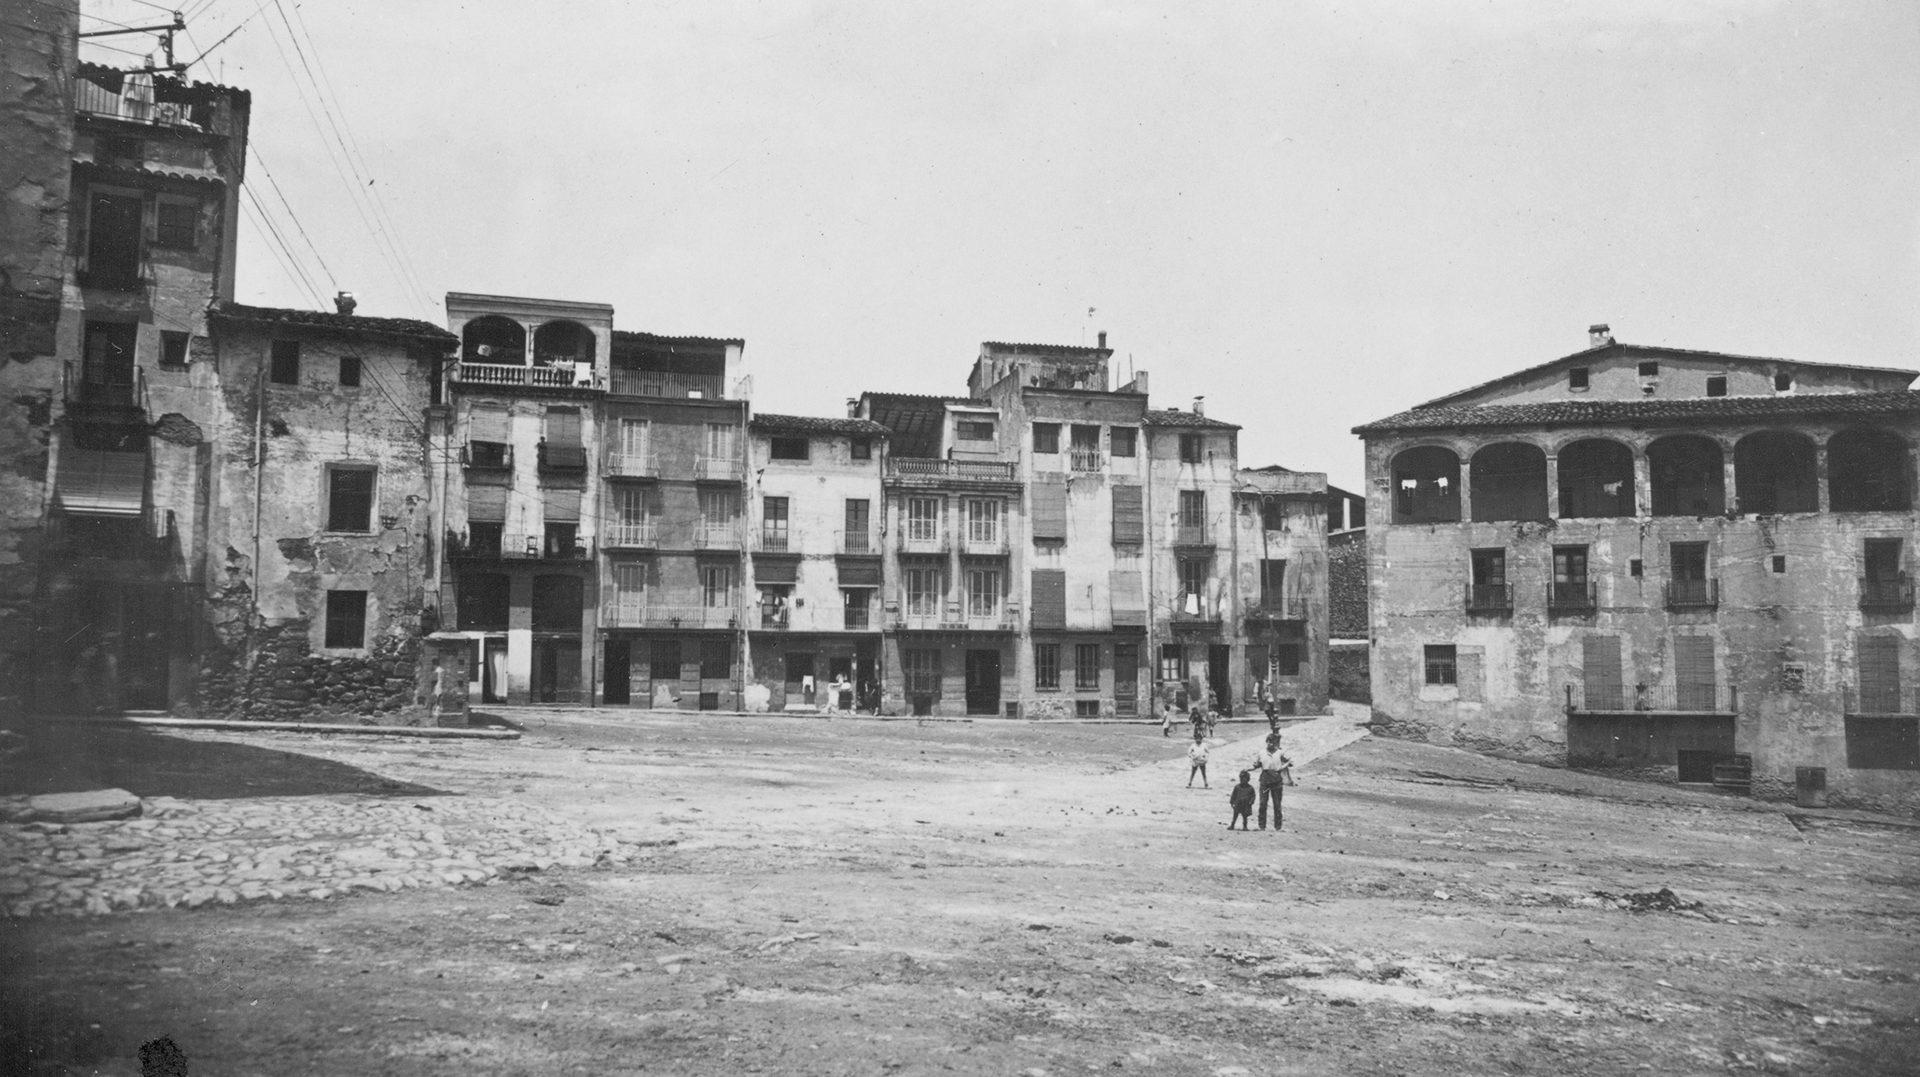 L'enllaç de carreteres d'Olot. Dos reportatges fotogràfics 1926 / 2019